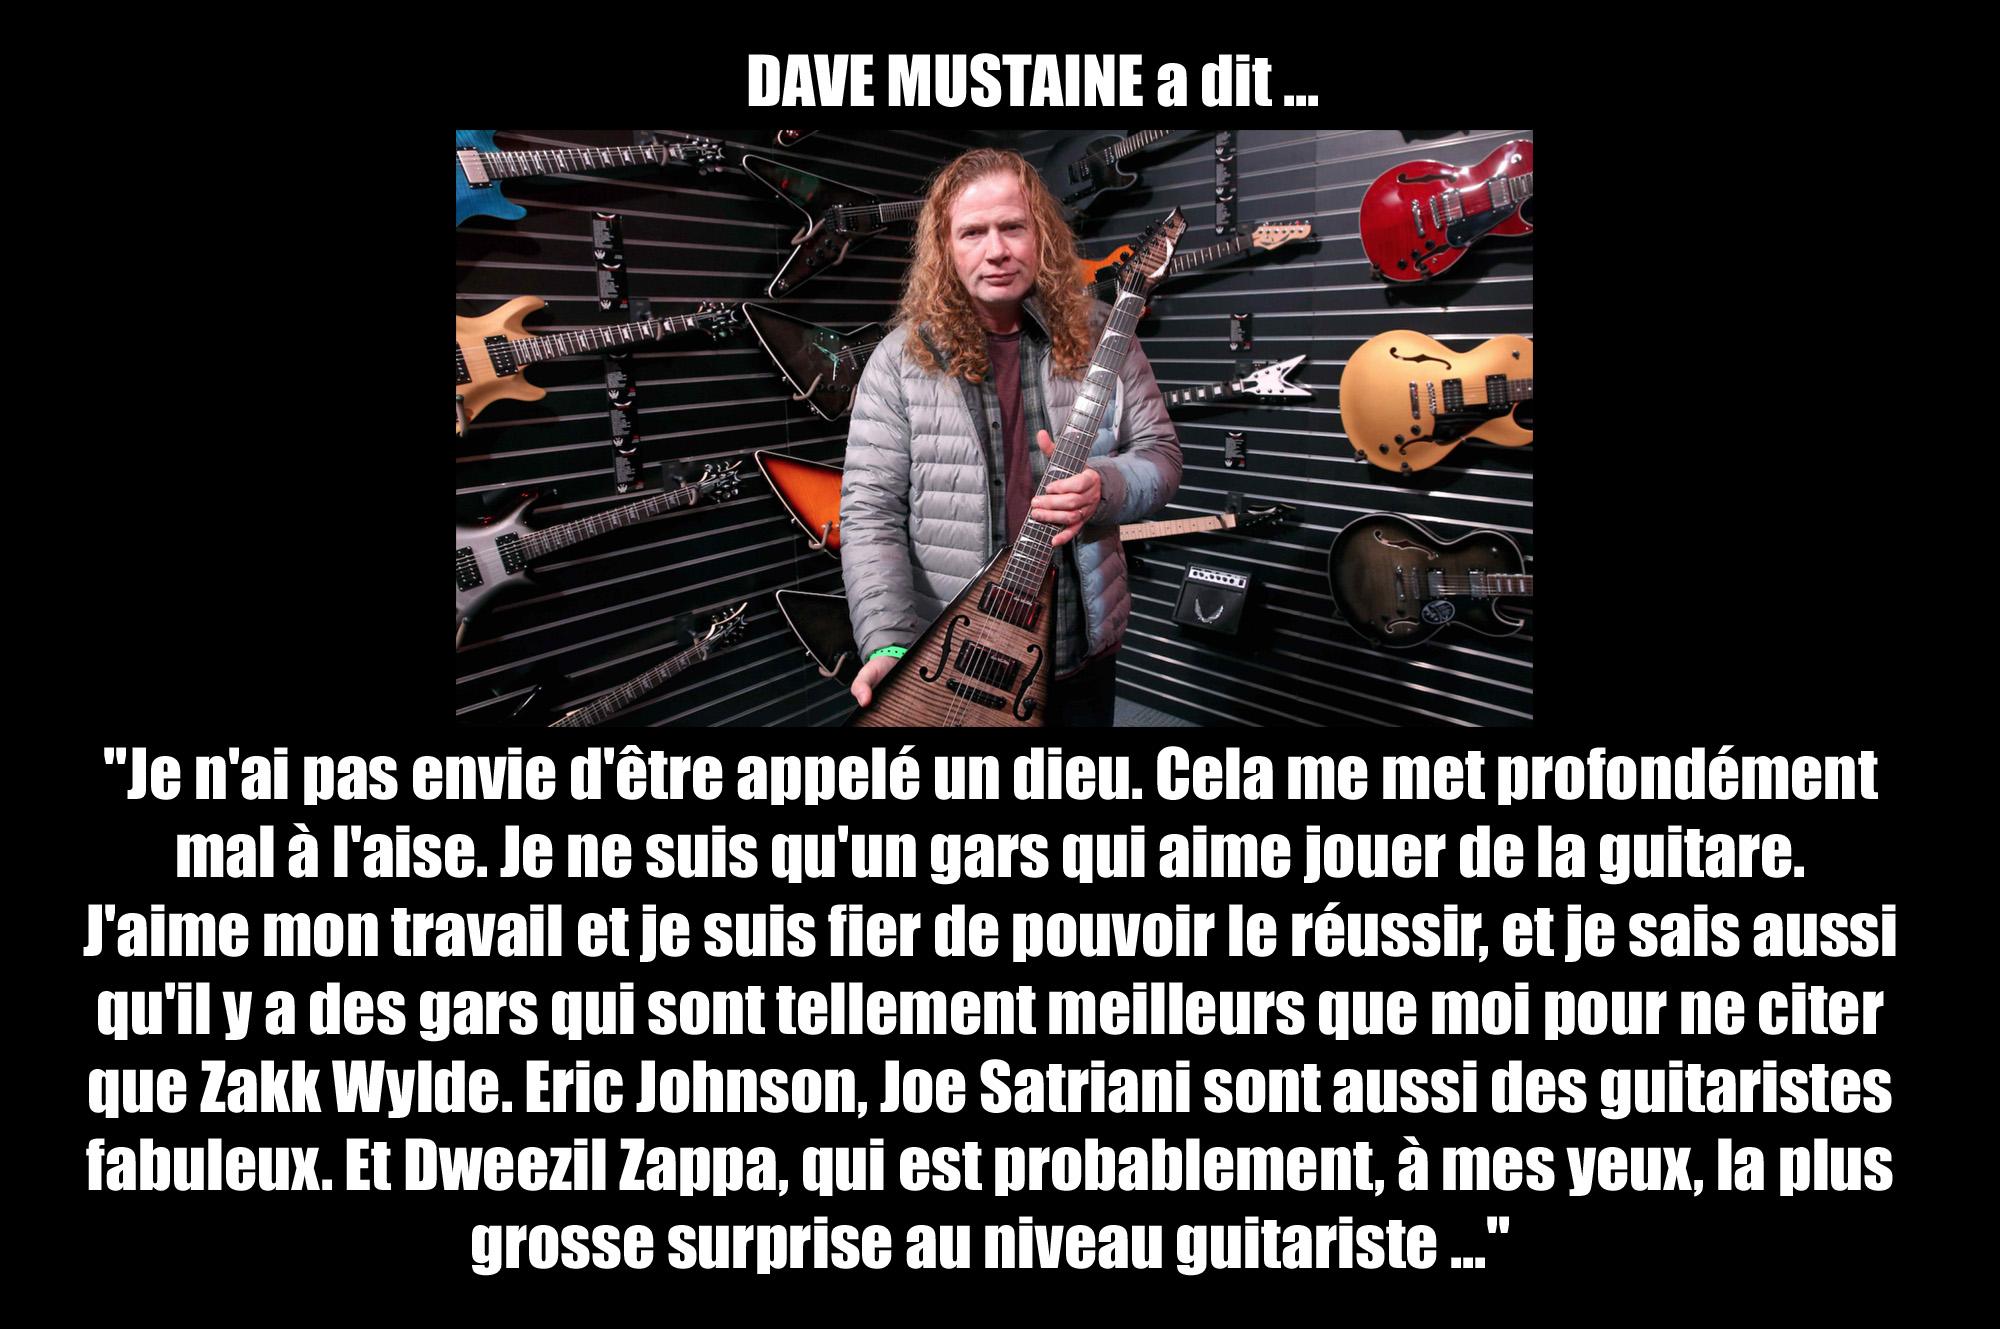 DAVE MUSTAINE a dit ... sur ce que l'on disait de lui comme étant un Dieu de la guitare Sans_216